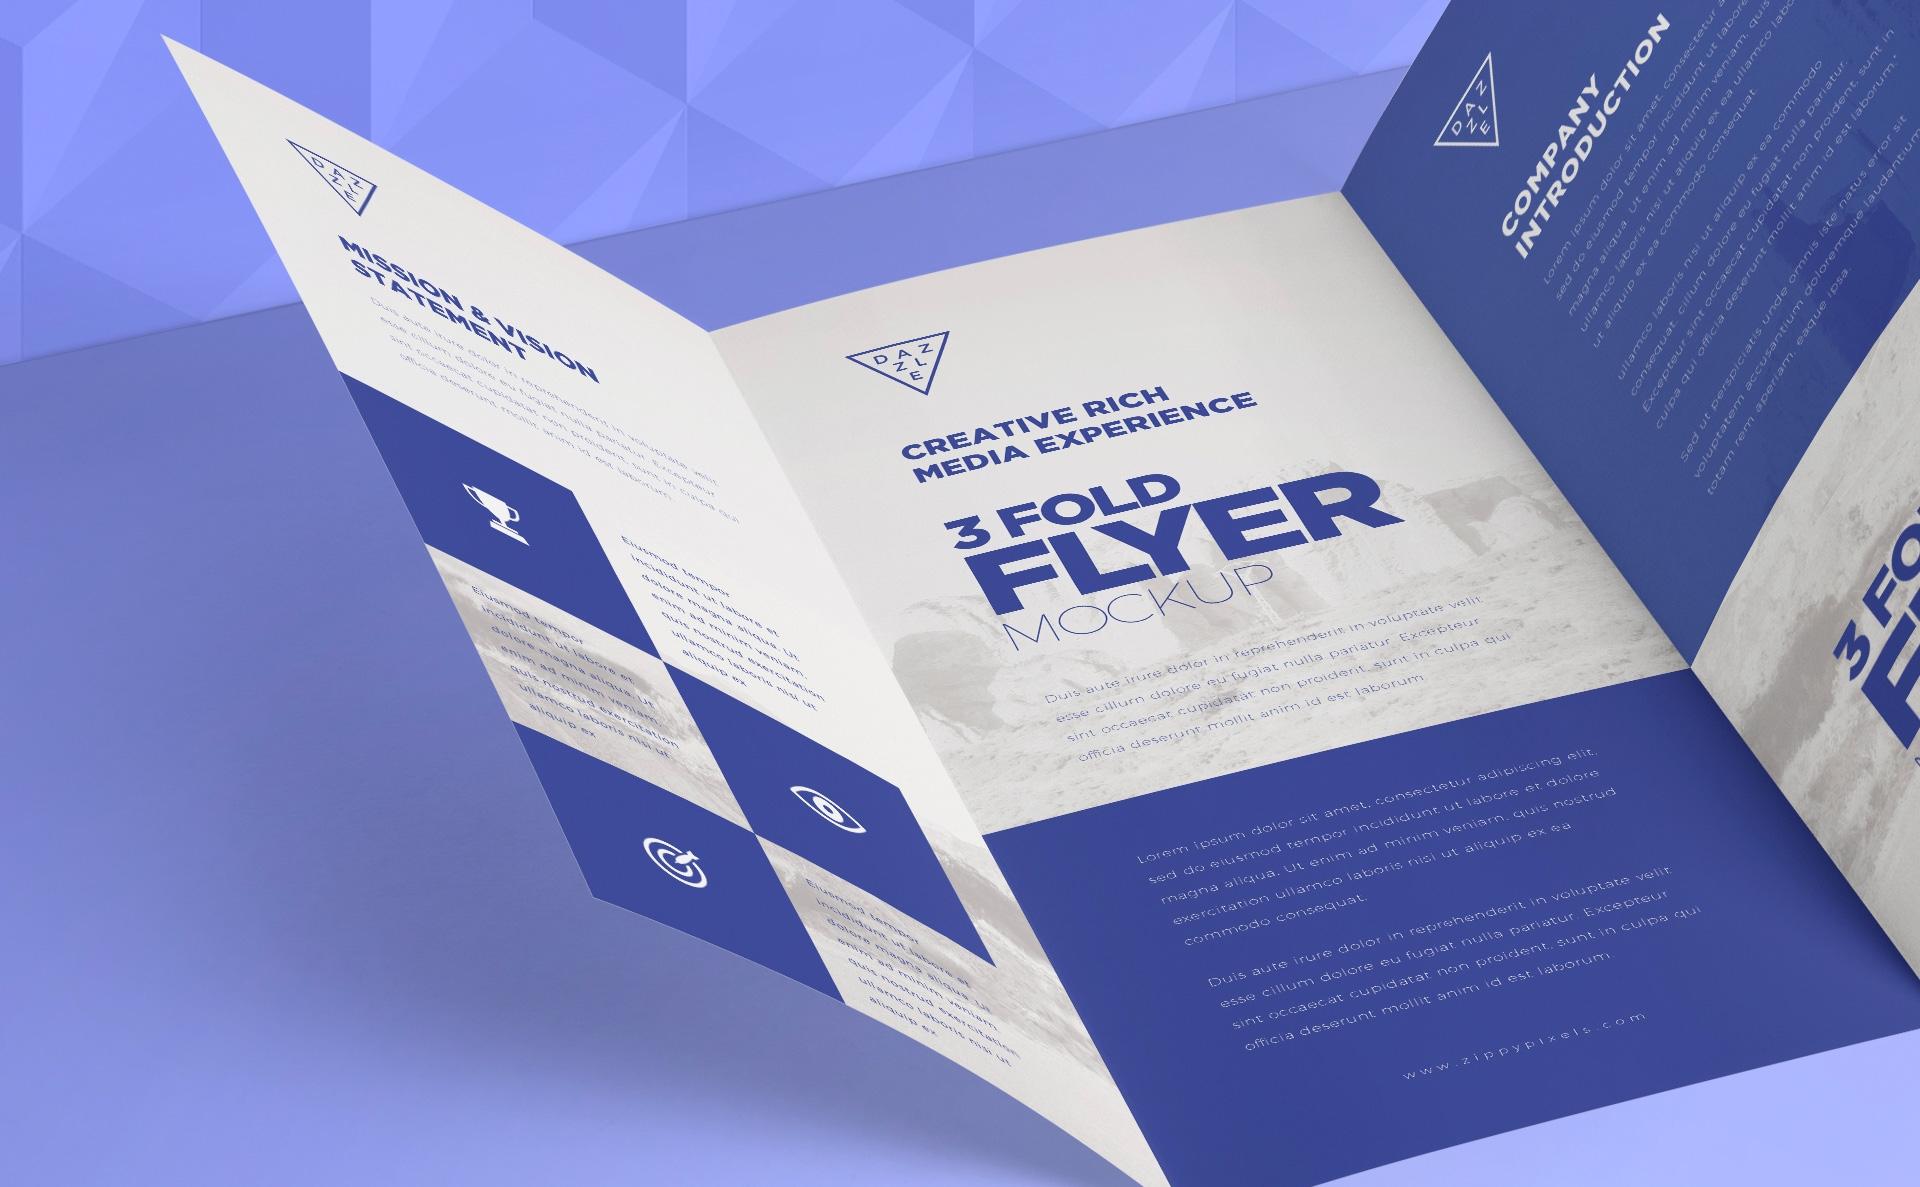 企业 多角度画册展示样机3 Fold Brochure Mockups